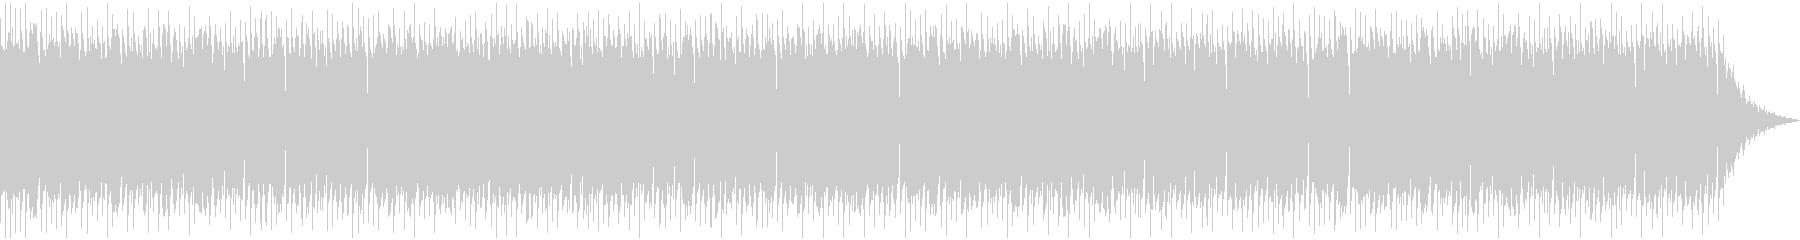 美しいケルト音楽の未再生の波形